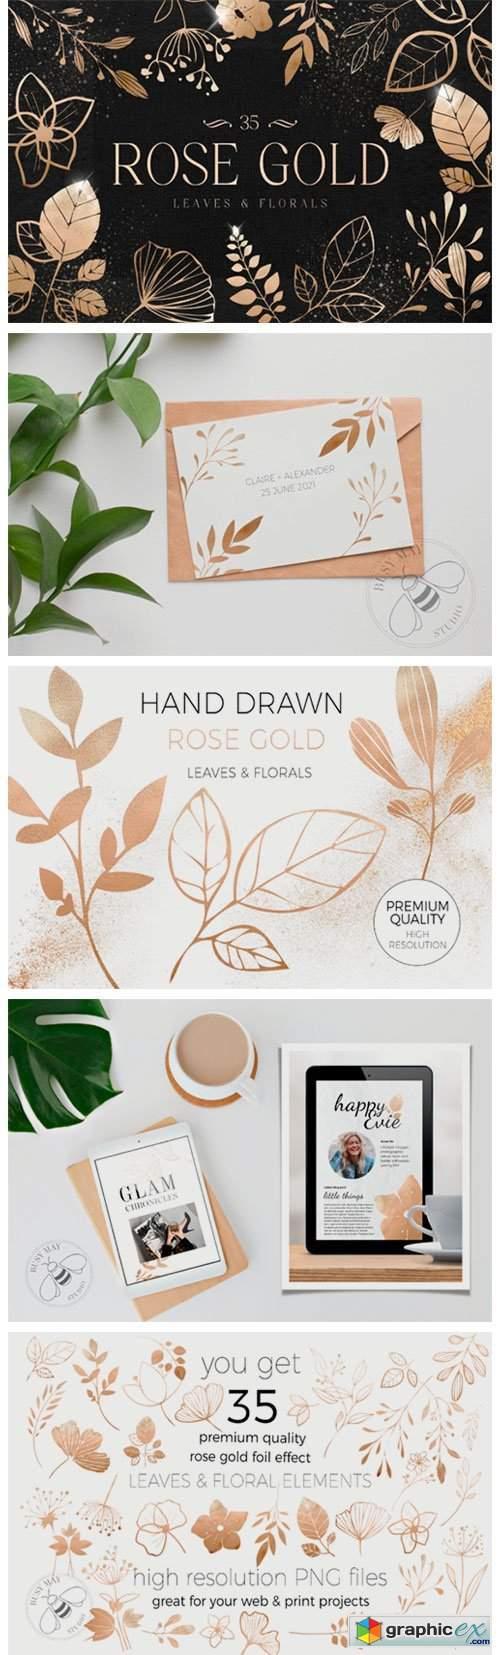 Rose Gold Leaves Florals Foil Elements